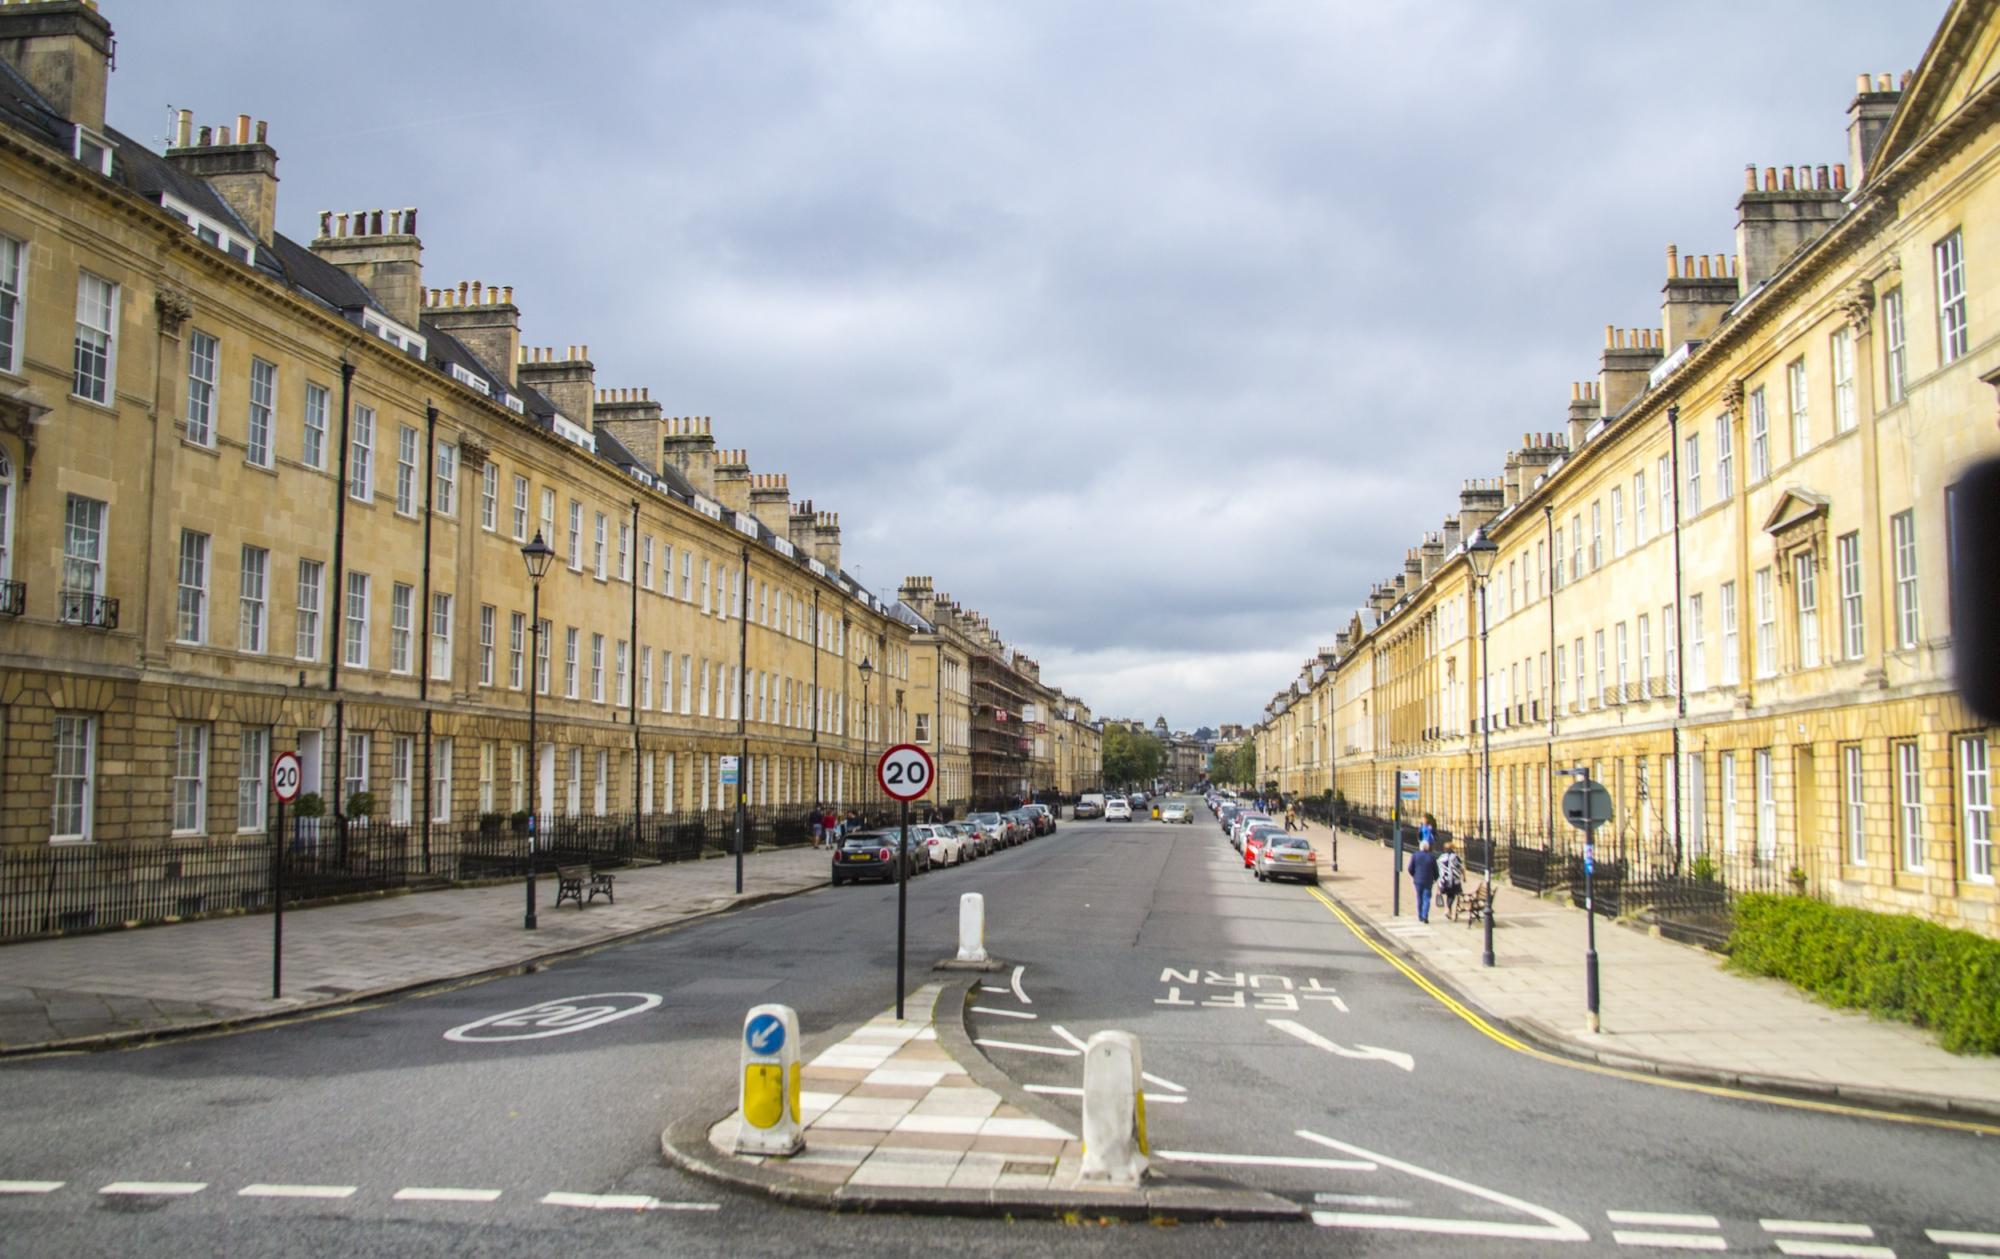 Campervan Hire in Bath | Motorhome Rental in Bath